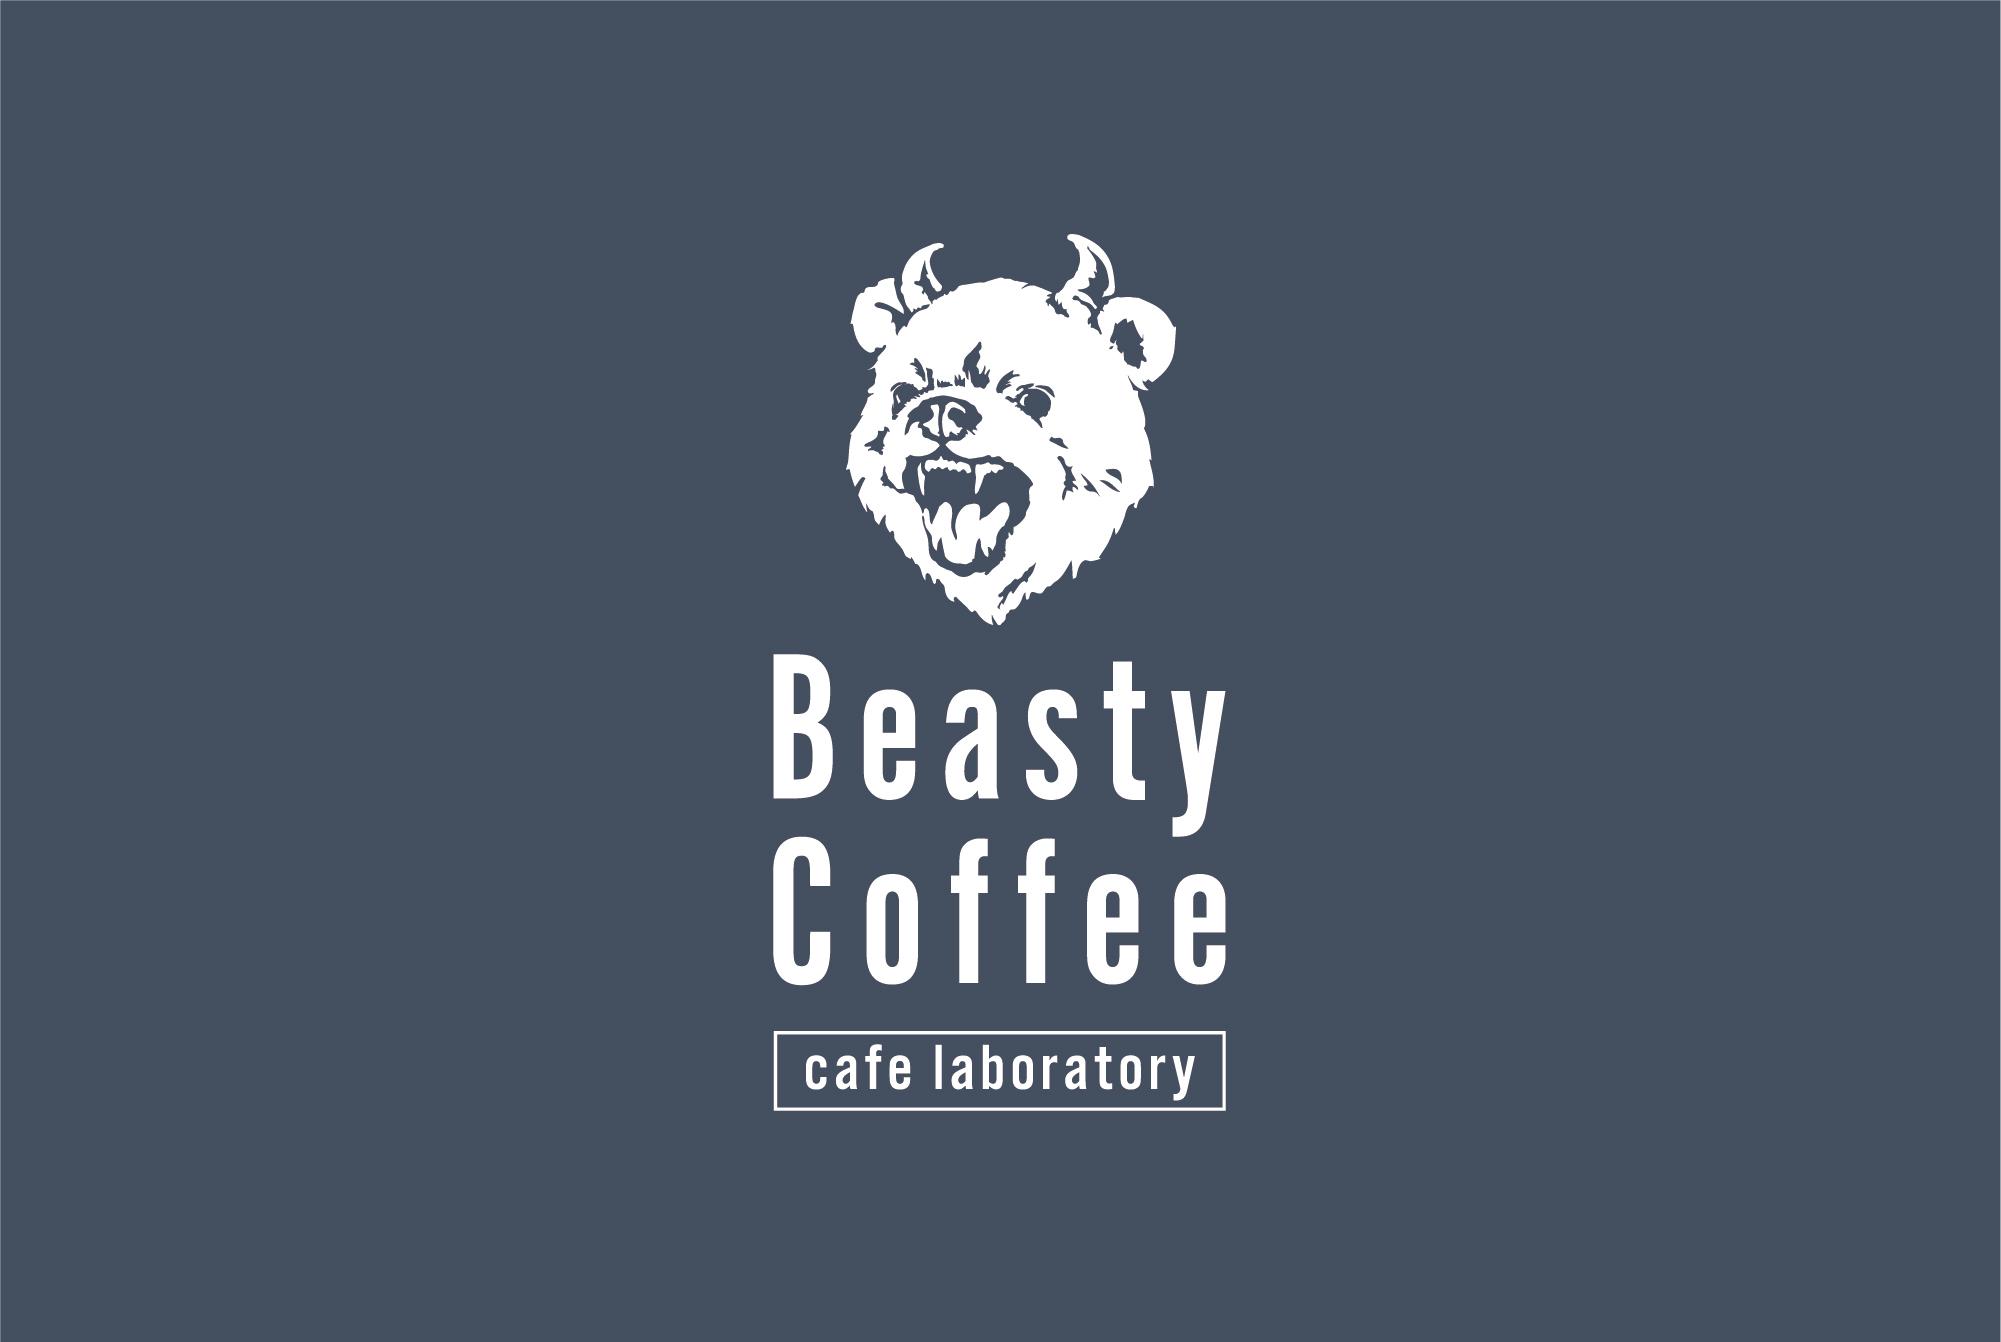 [カフェからのお知らせ] 営業時間短縮及びテイクアウト推進のお願い